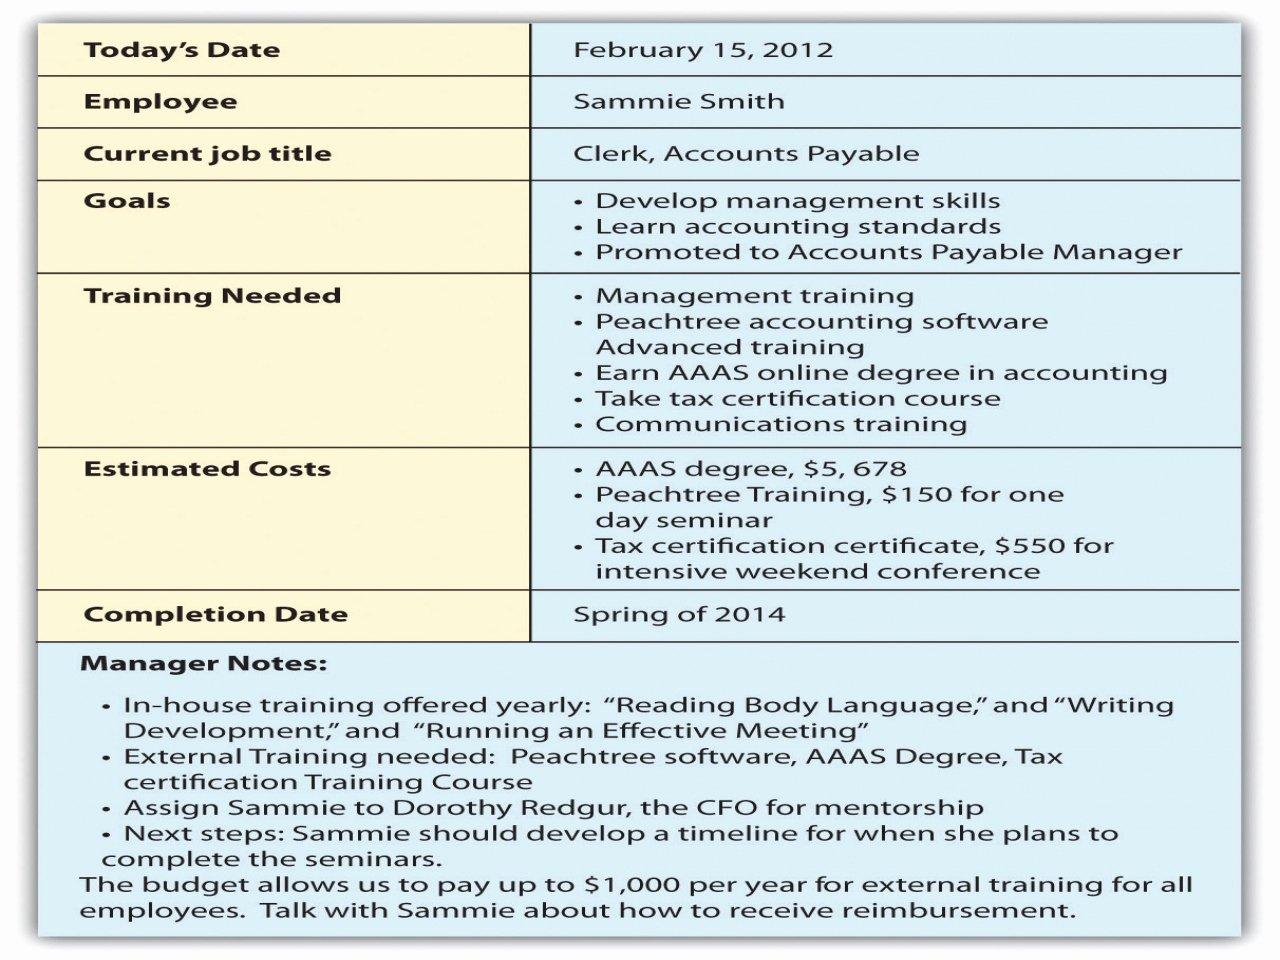 Employee Development Plan Template Luxury Employee Career Development Plan Template 5 Year Career